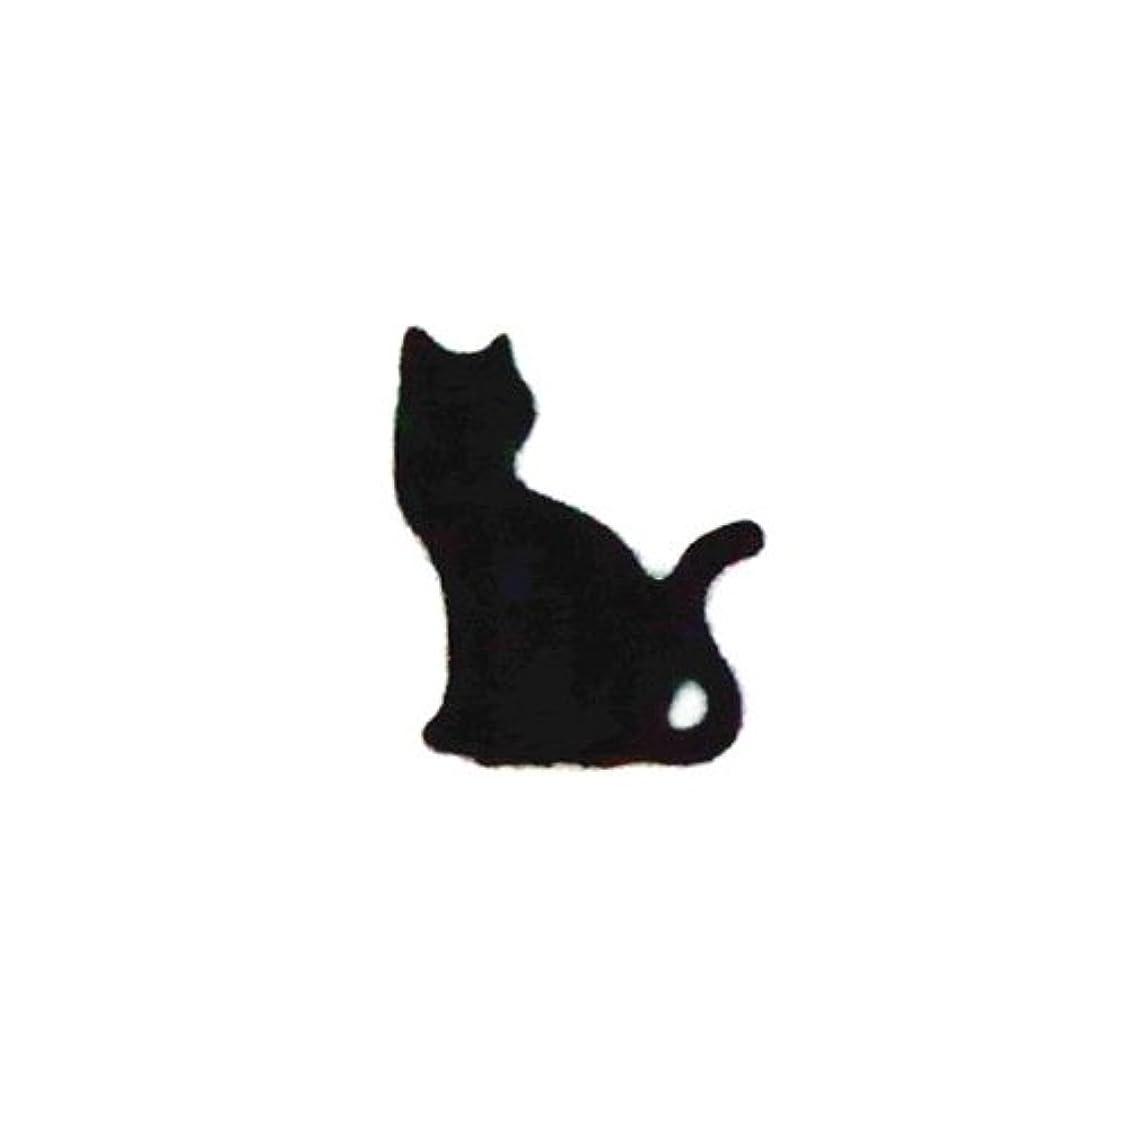 実験眠いです赤道リトルプリティー ネイルアートパーツ 猫3 ブラック 10個